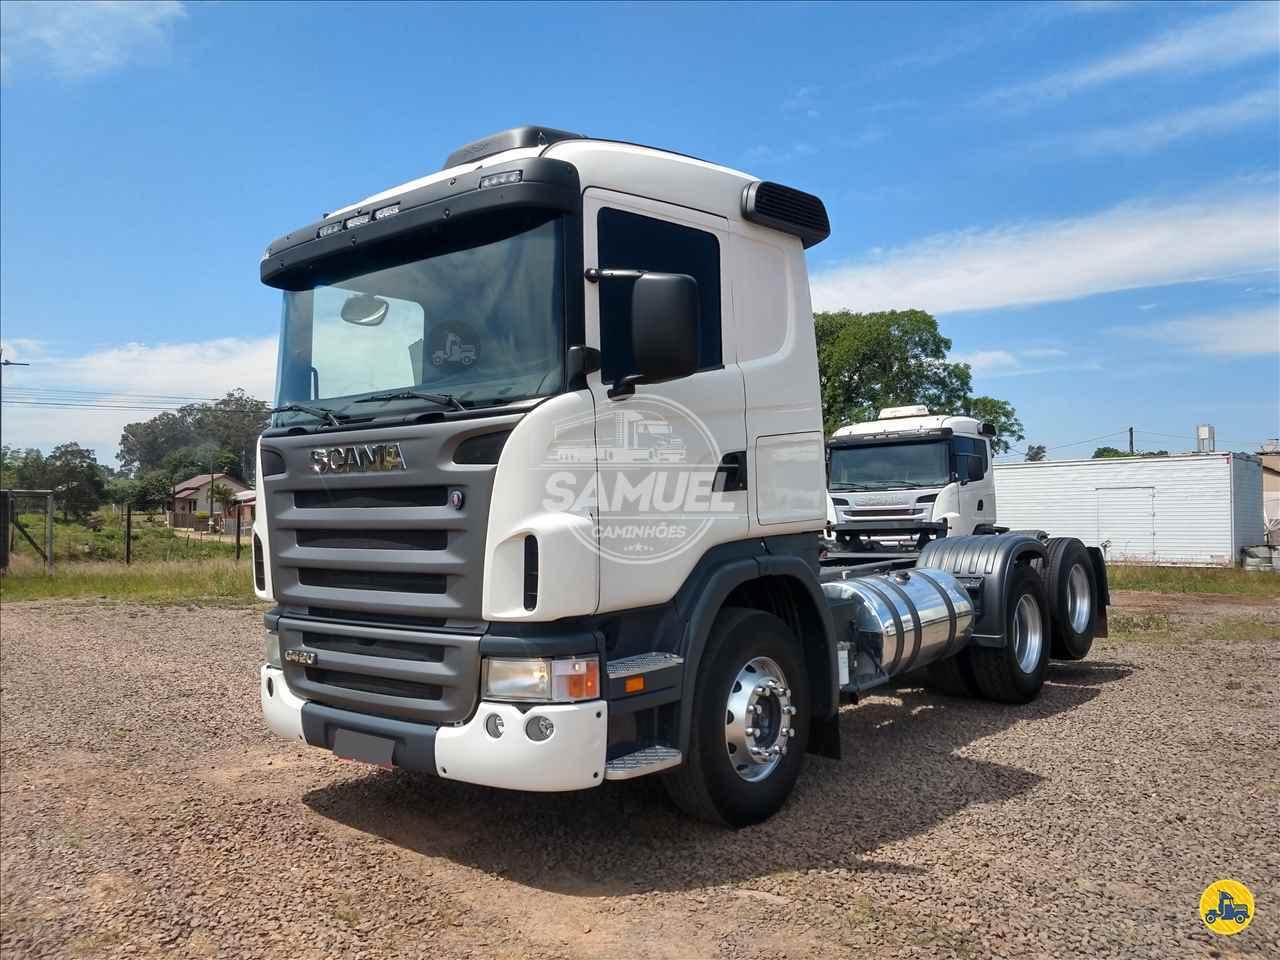 CAMINHAO SCANIA SCANIA 420 Cavalo Mecânico Truck 6x2 Samuel Caminhões BOM RETIRO DO SUL RIO GRANDE DO SUL RS